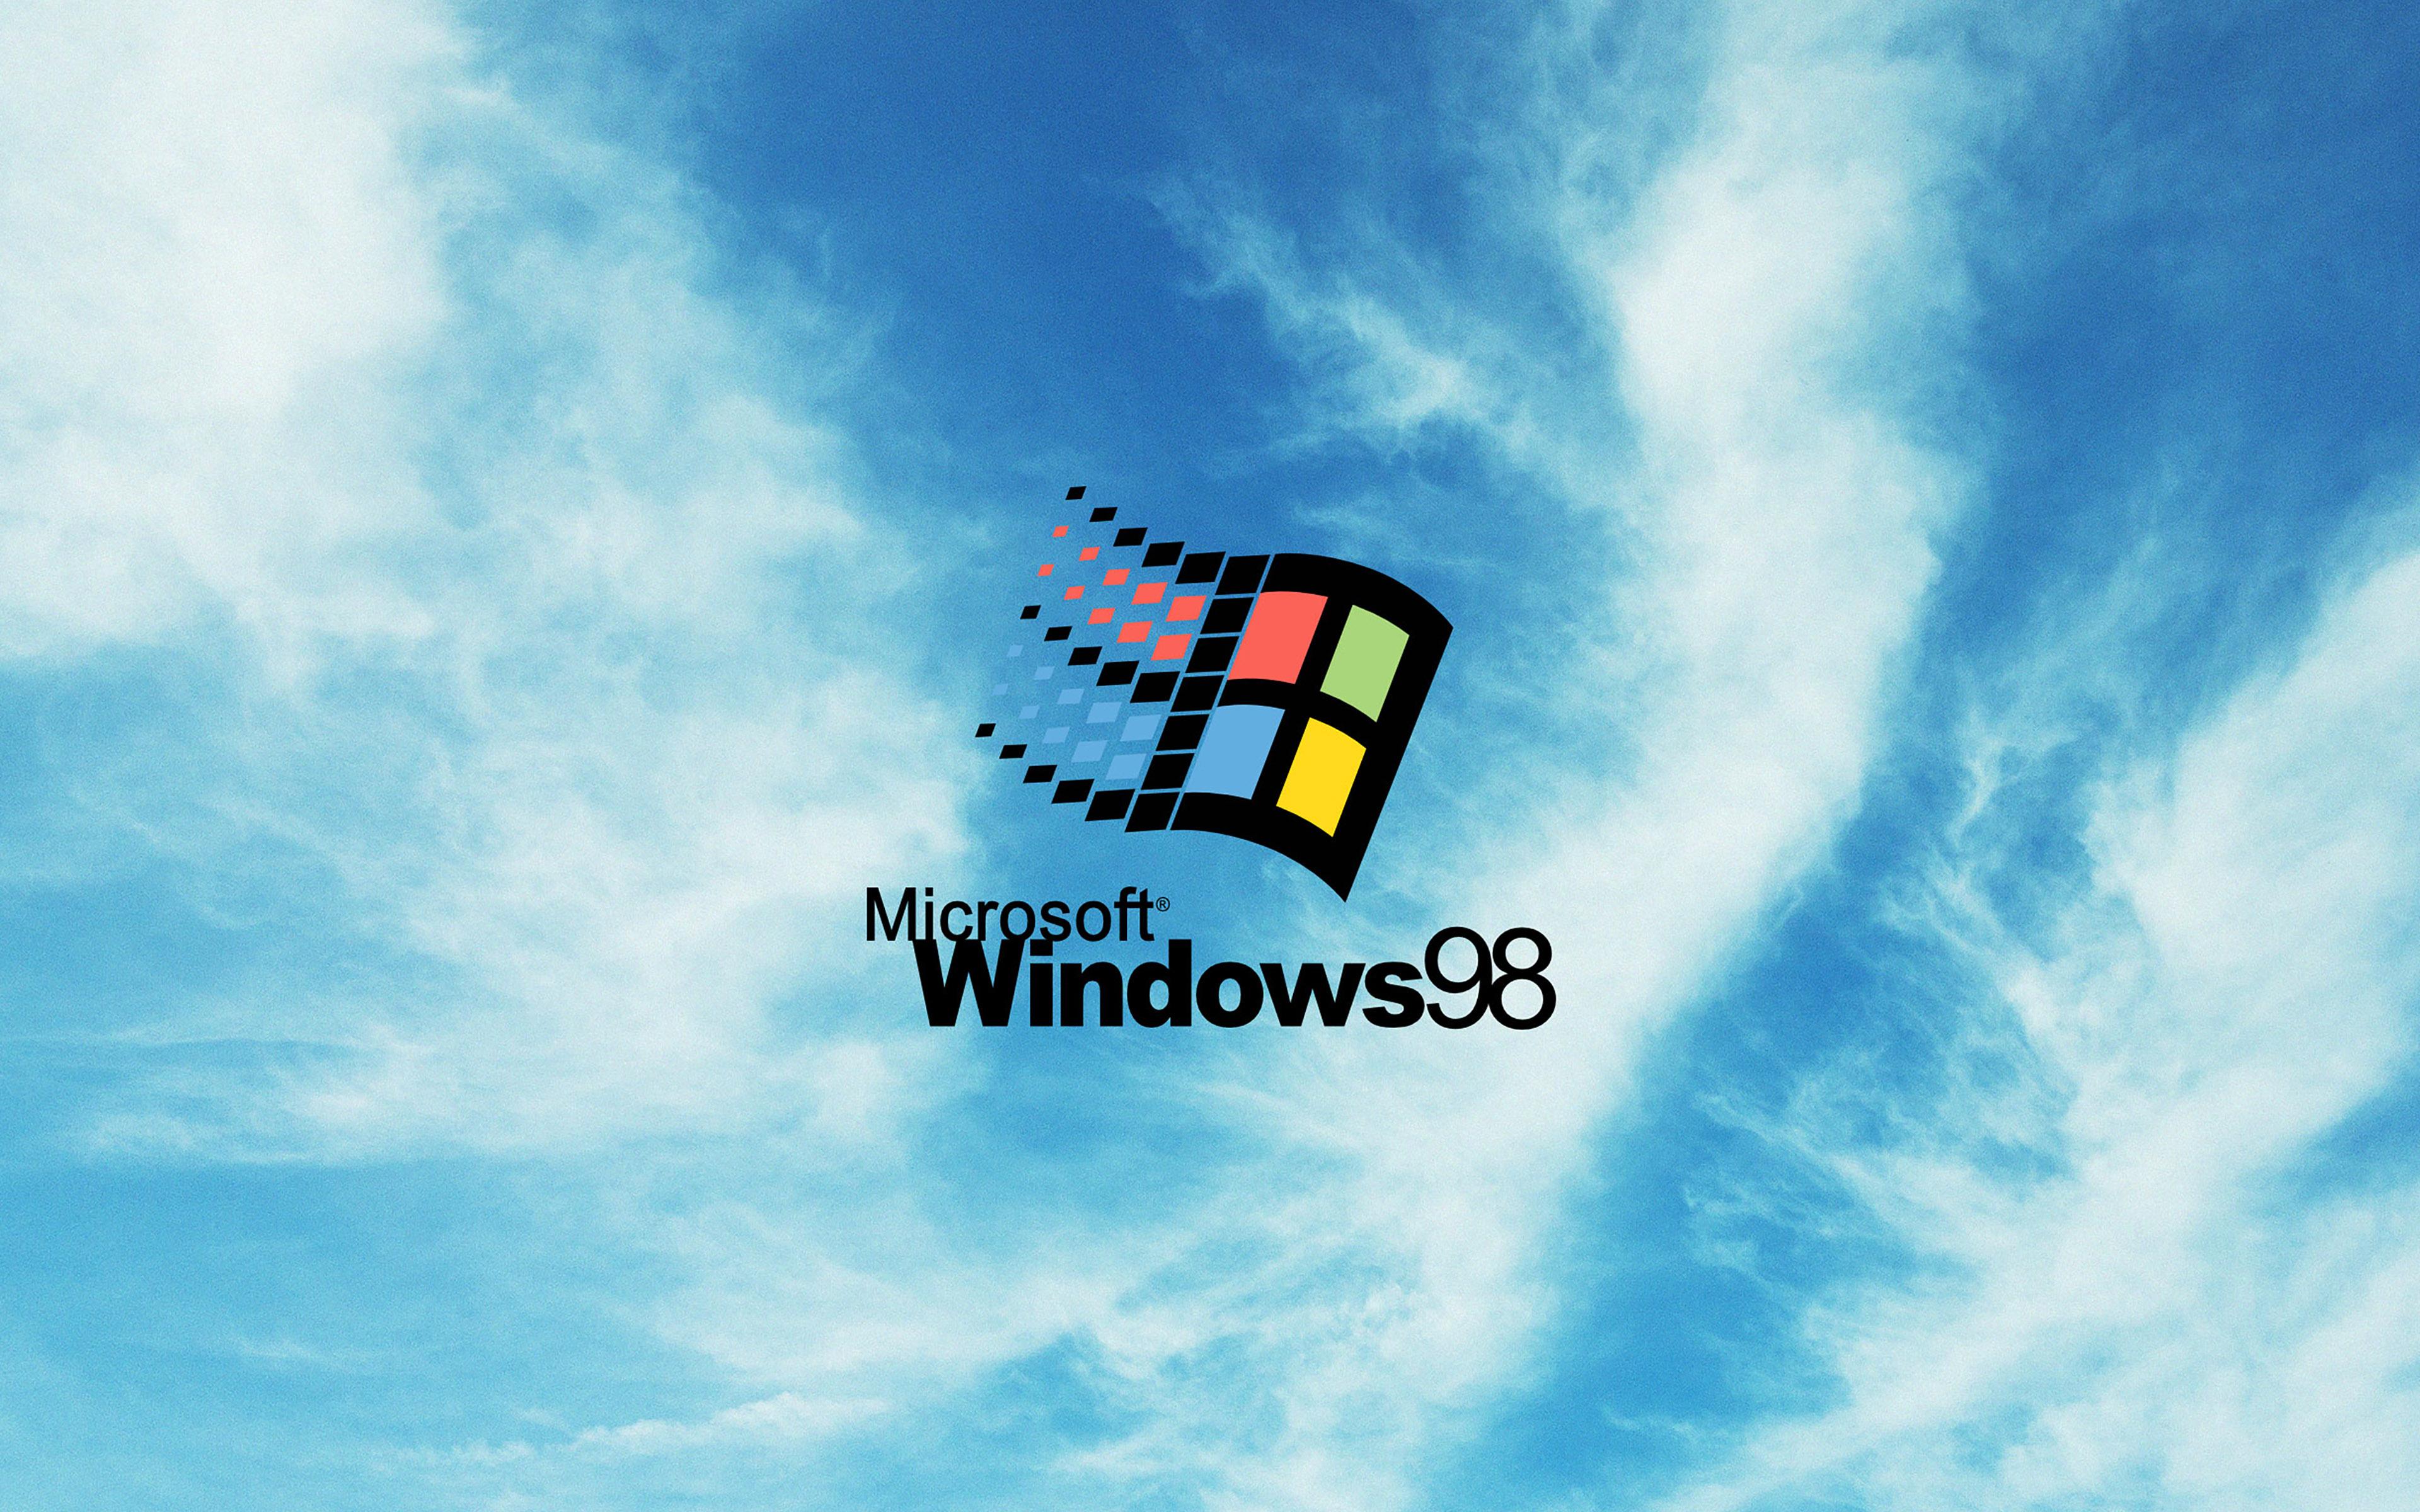 fond d'ecran anime windows 98